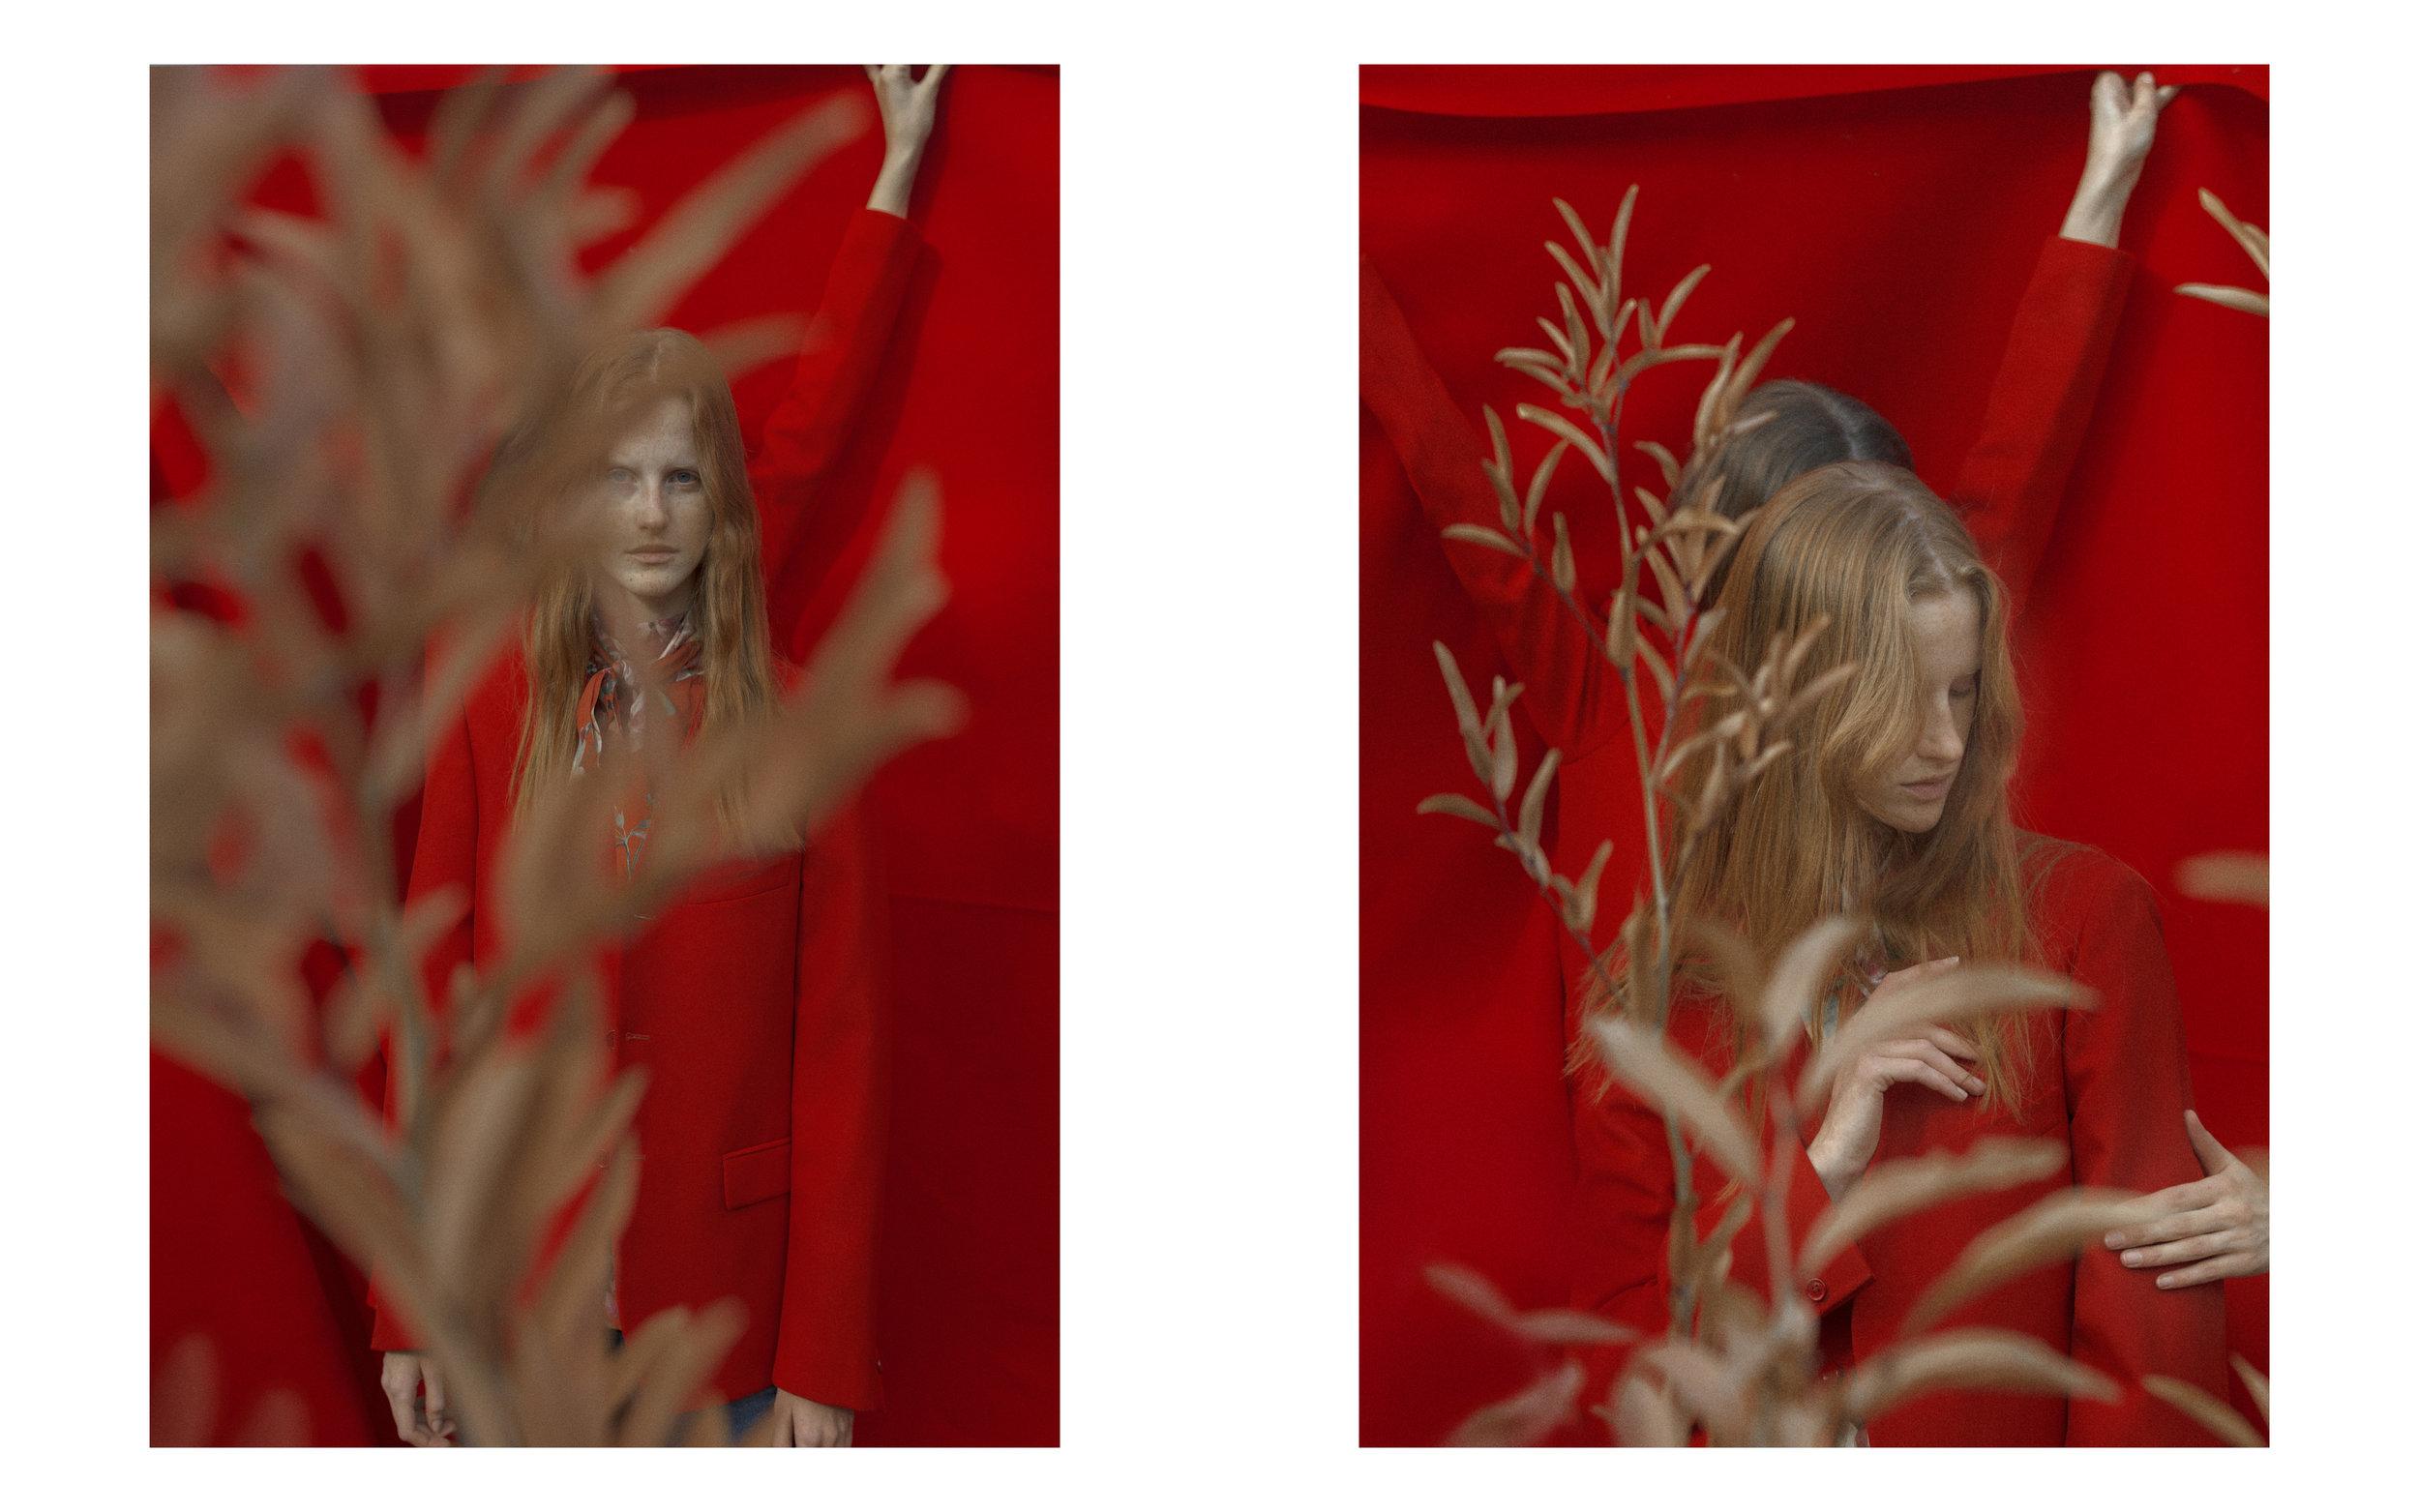 dominik_tarabanski_-_visual_conversation_red_1.jpg